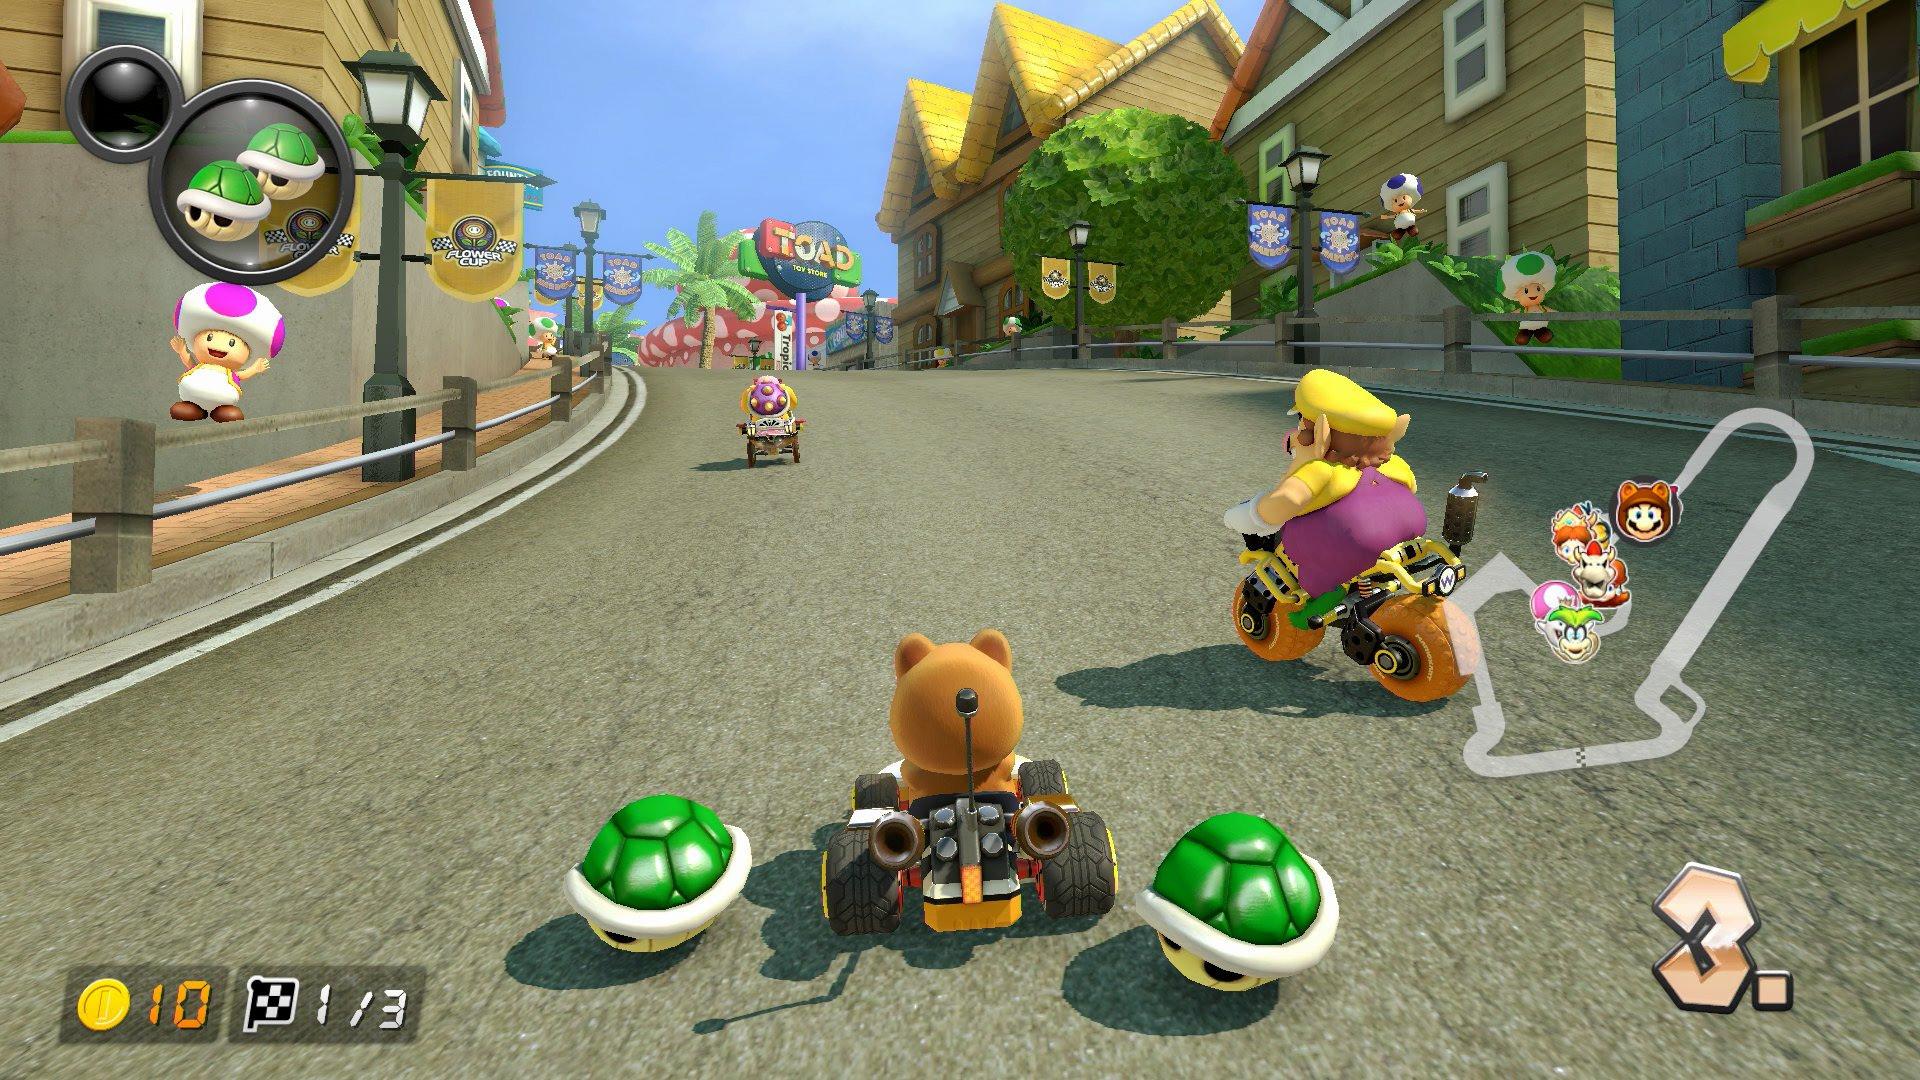 Mario Kart Ausmalbilder Genial 28 Schön Mario Und Luigi Ausmalbilder Mickeycarrollmunchkin Luxus Bilder